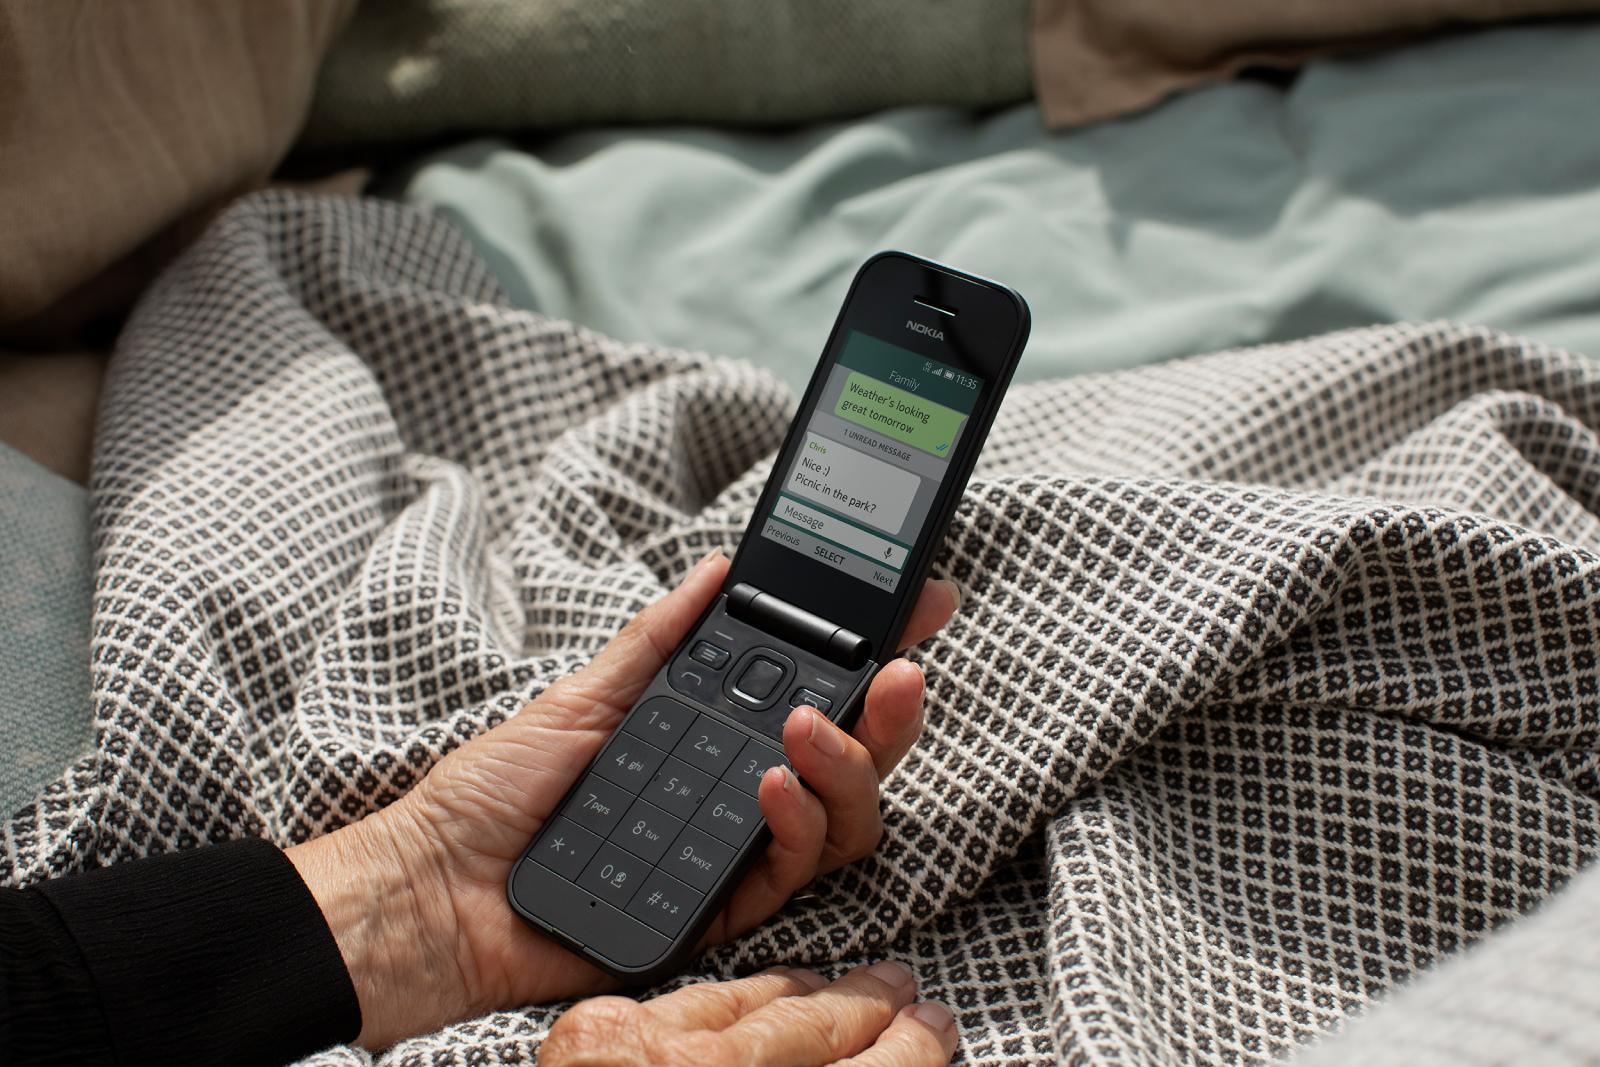 Als die Marktführer Nokia und Motorola hießen, warst du vielleicht noch nicht geboren (Video)